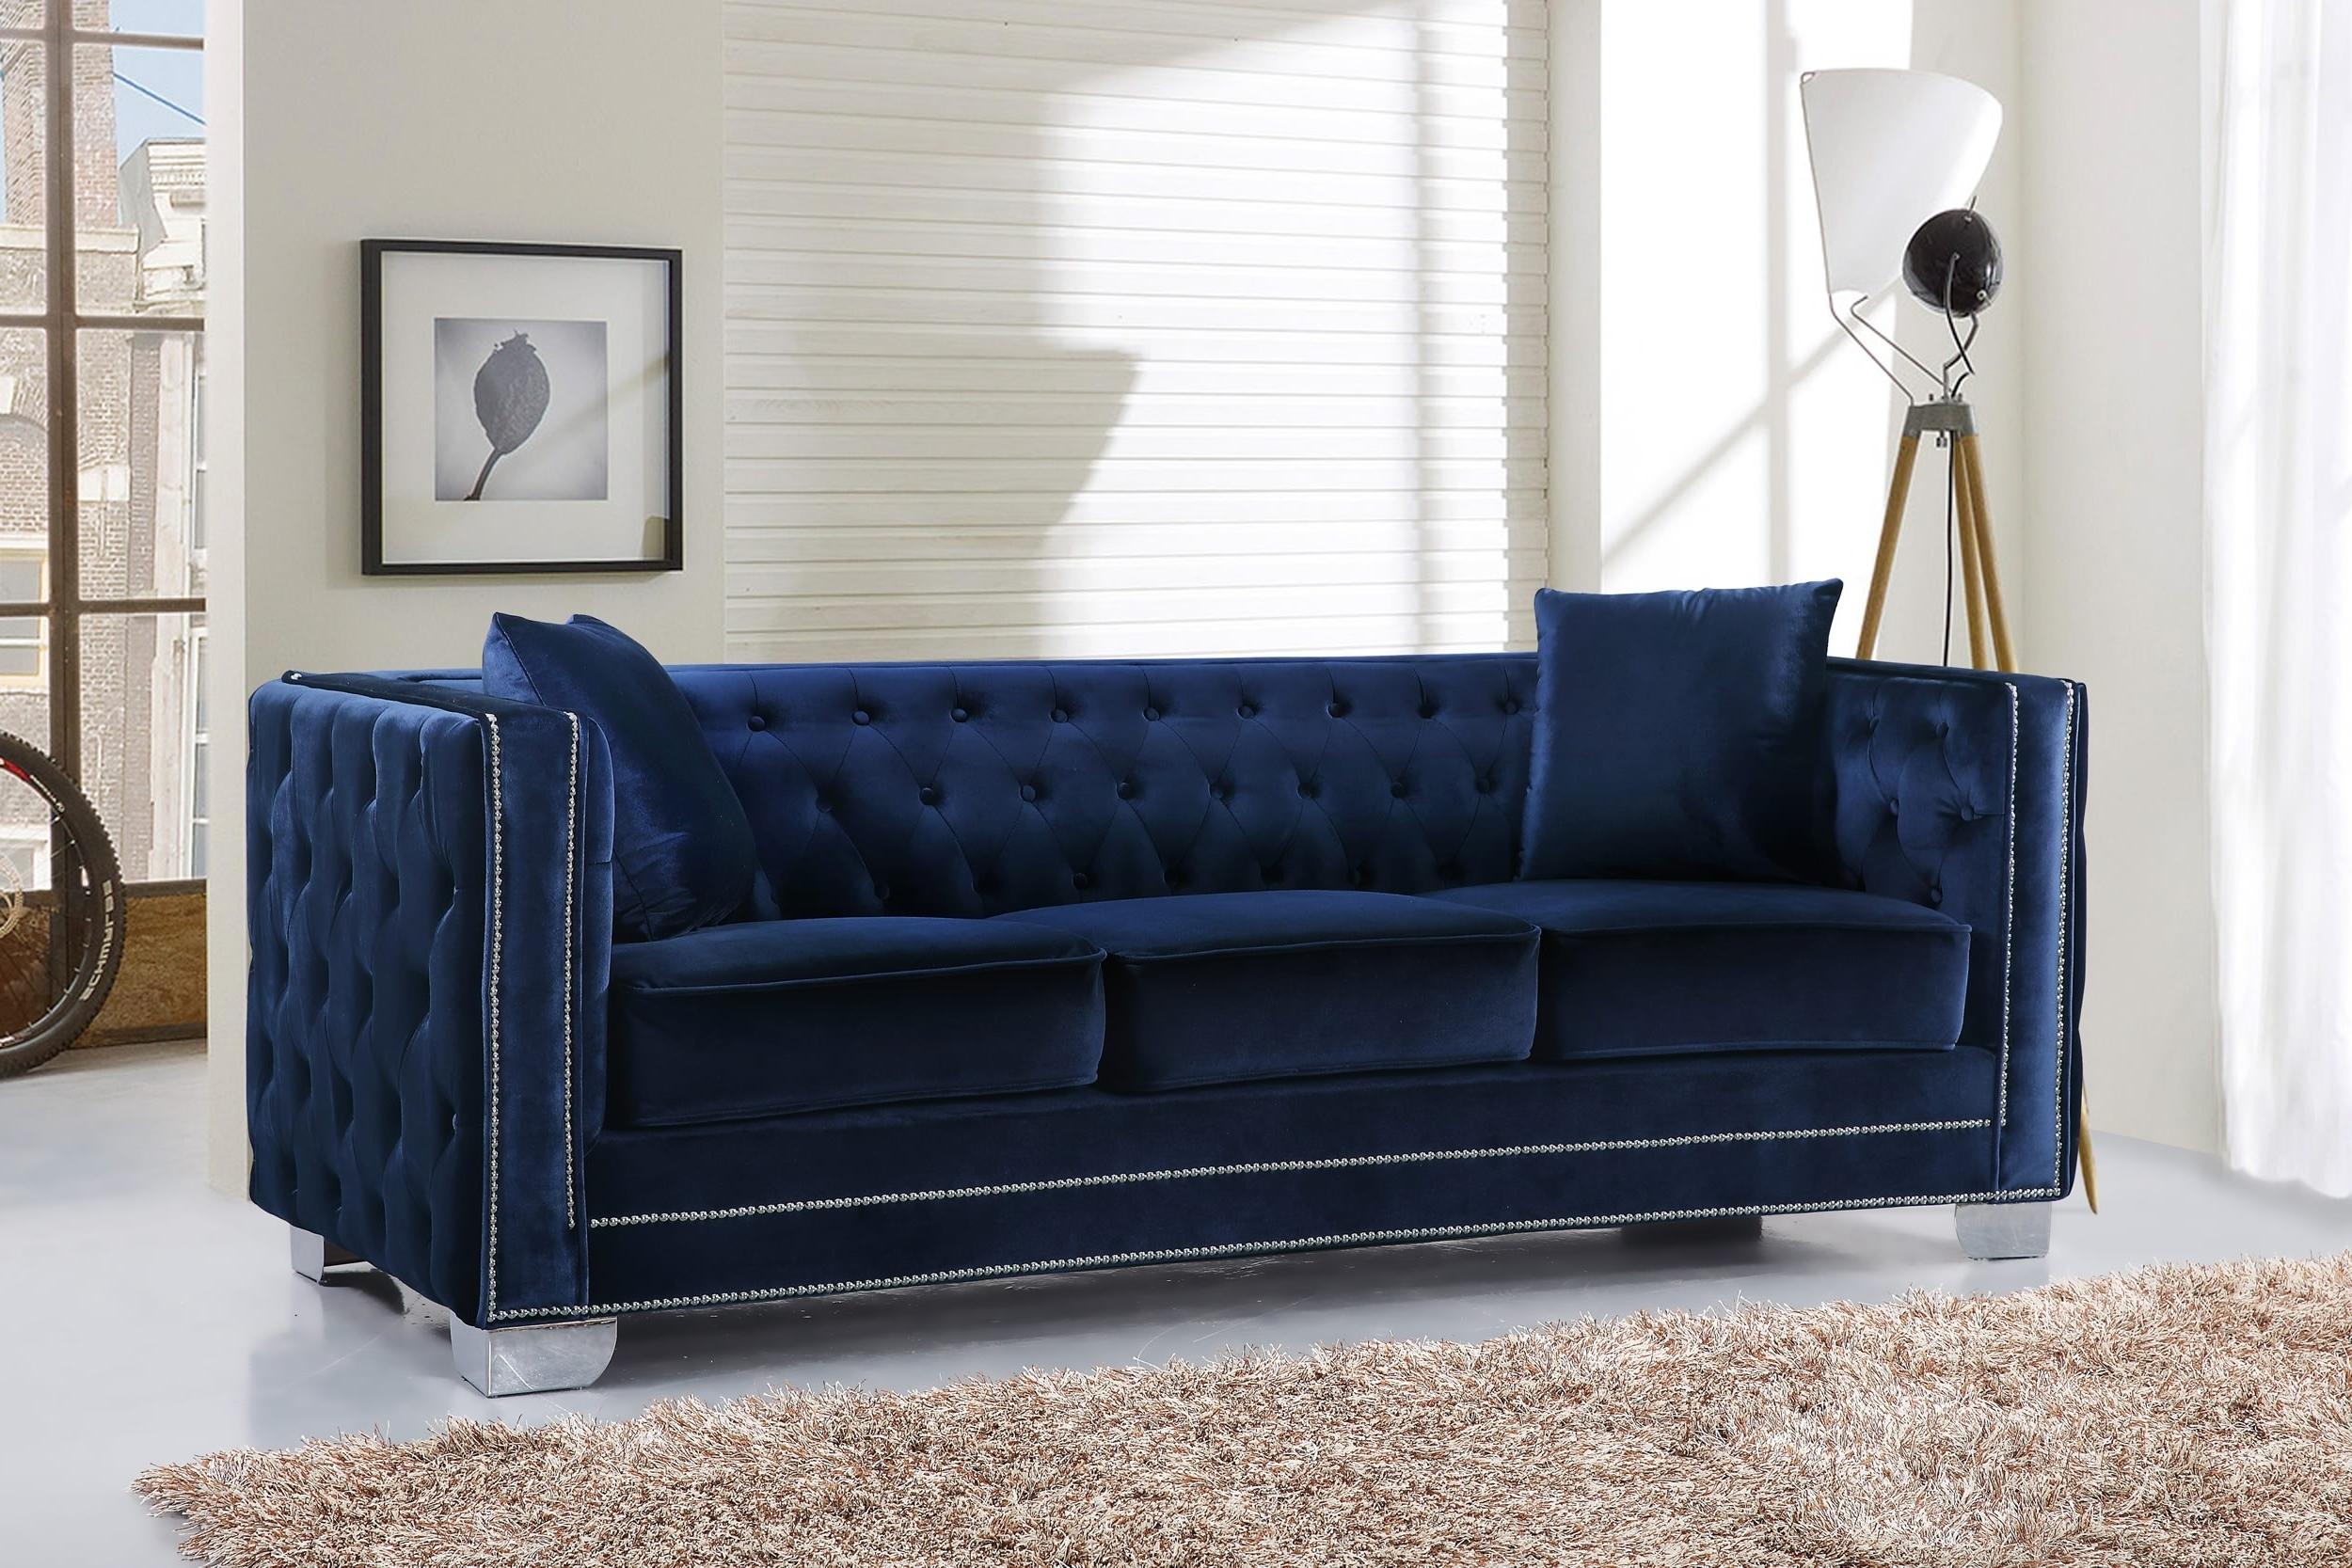 Velvet Sofas For Current Reese Velvet Sofa, Navy Buy Online At Best Price – Sohomod (View 2 of 20)